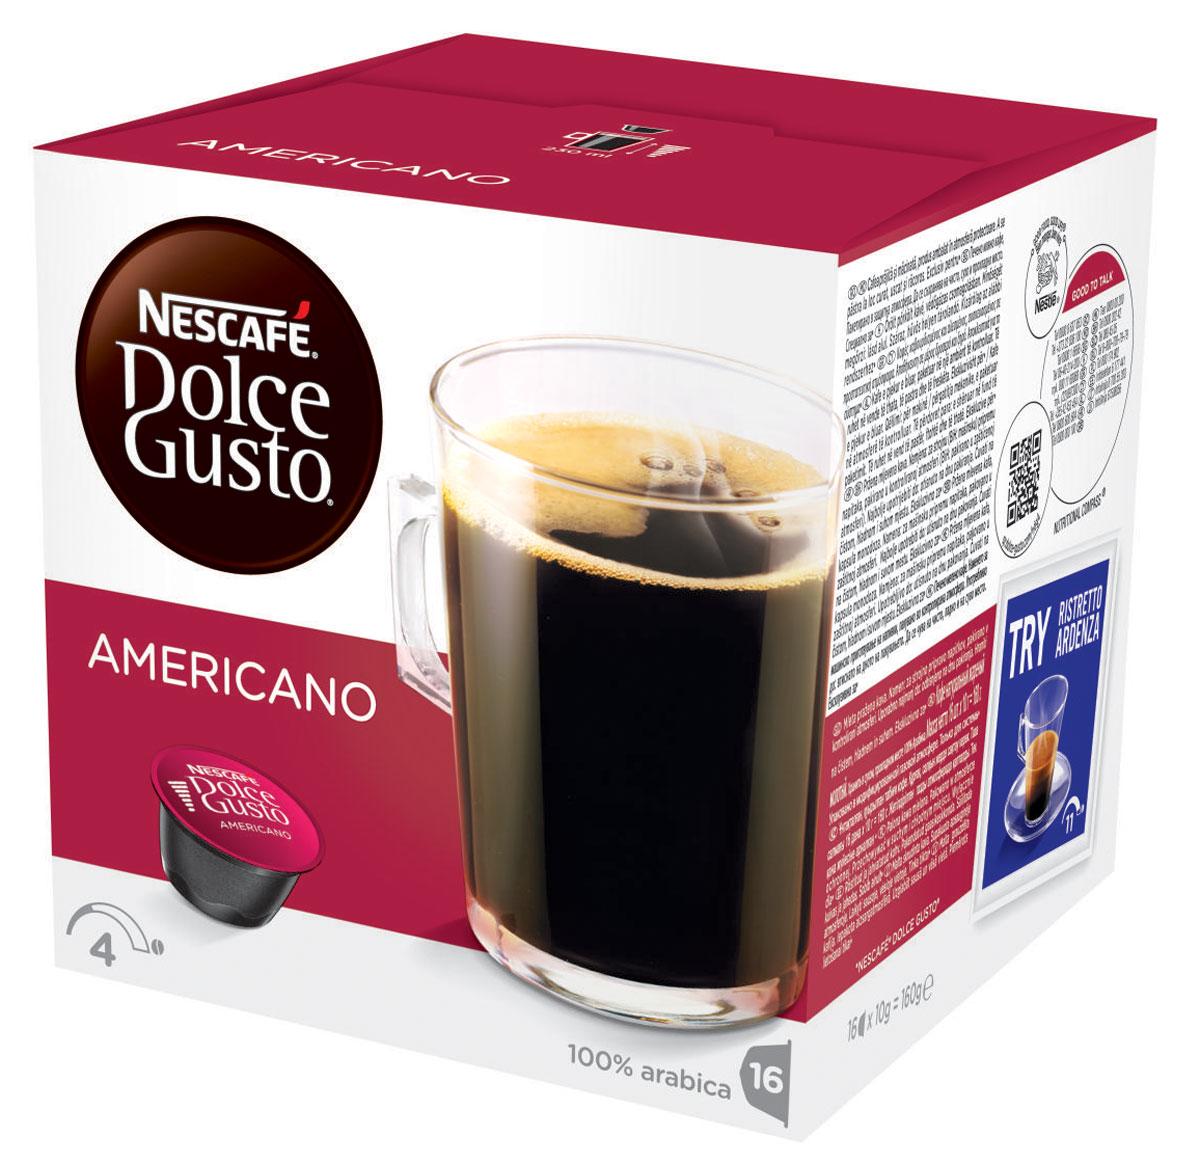 Nescafe Dolce Gusto Americano кофе в капсулах, 16 шт12115461Nescafe Dolce Gusto Americano – просто обжаренный и перемолотый кофе, но это не должно вводить вас в заблуждение. Это стильная мягкая композиция, которой можно наслаждаться в любое время дня. Приготовленный из отборных обжаренных кофейных зерен американо можно подавать с молоком или без него, чтобы получить вкус свежеприготовленного кофе в любом виде, который вам нравится. Легкая прожарка простого, но надежного купажа из 100% зерен Арабики делает капсульный кофе американо чуть менее насыщенным, чем лунго или гранде, но все еще с тем же вкусом из кофейни, который вы любите. Идеальный для удачного начала дня, подавайте его в большой чашке, чтобы полностью насладиться ароматом.